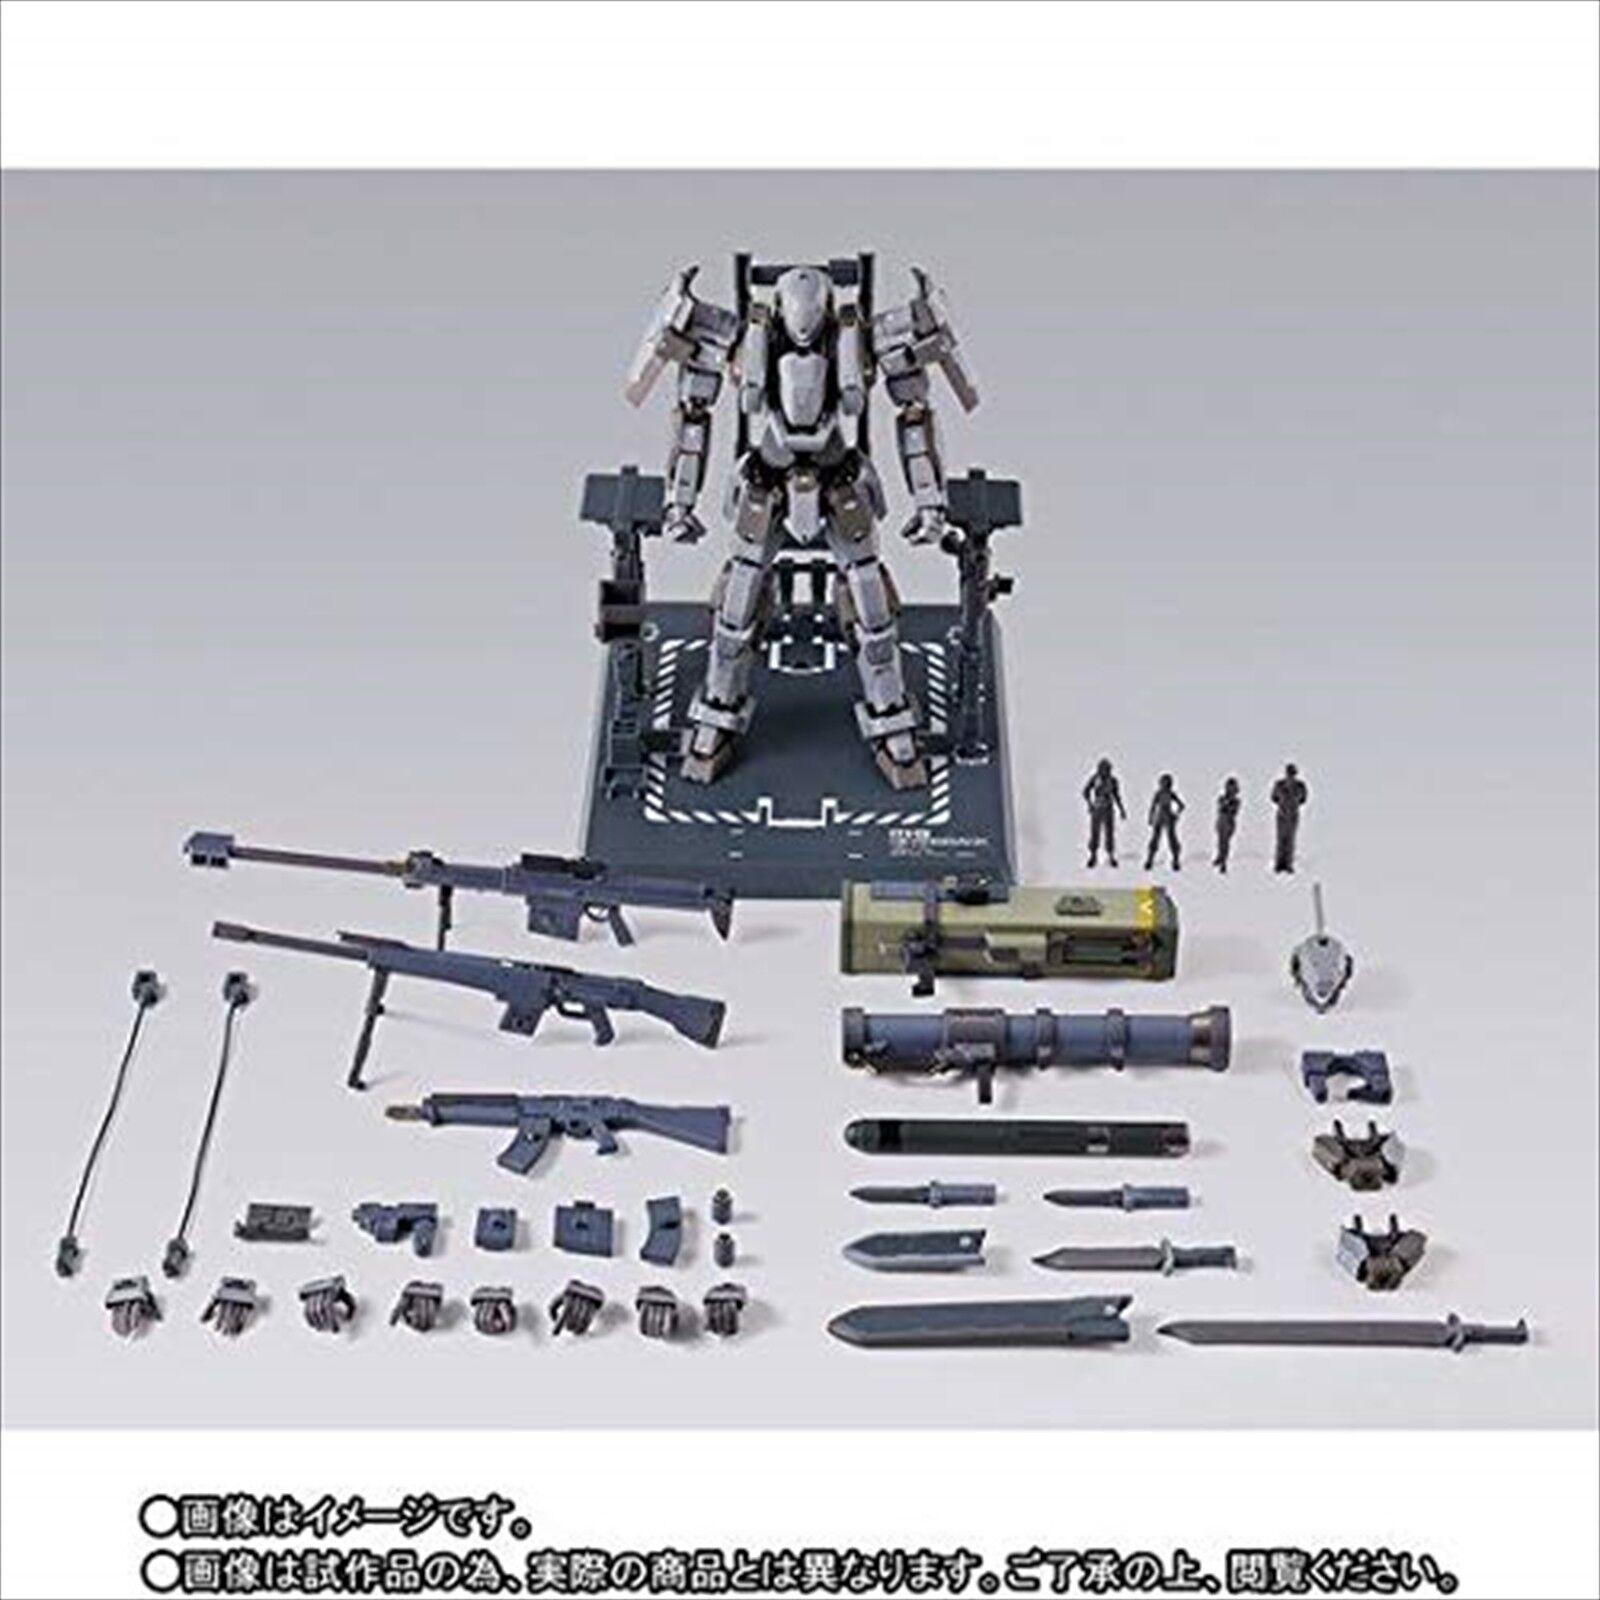 Bandai acumulación de metal gurns atrás Ver. IV Full Metal Panic M9 figura Japón F S Nuevo